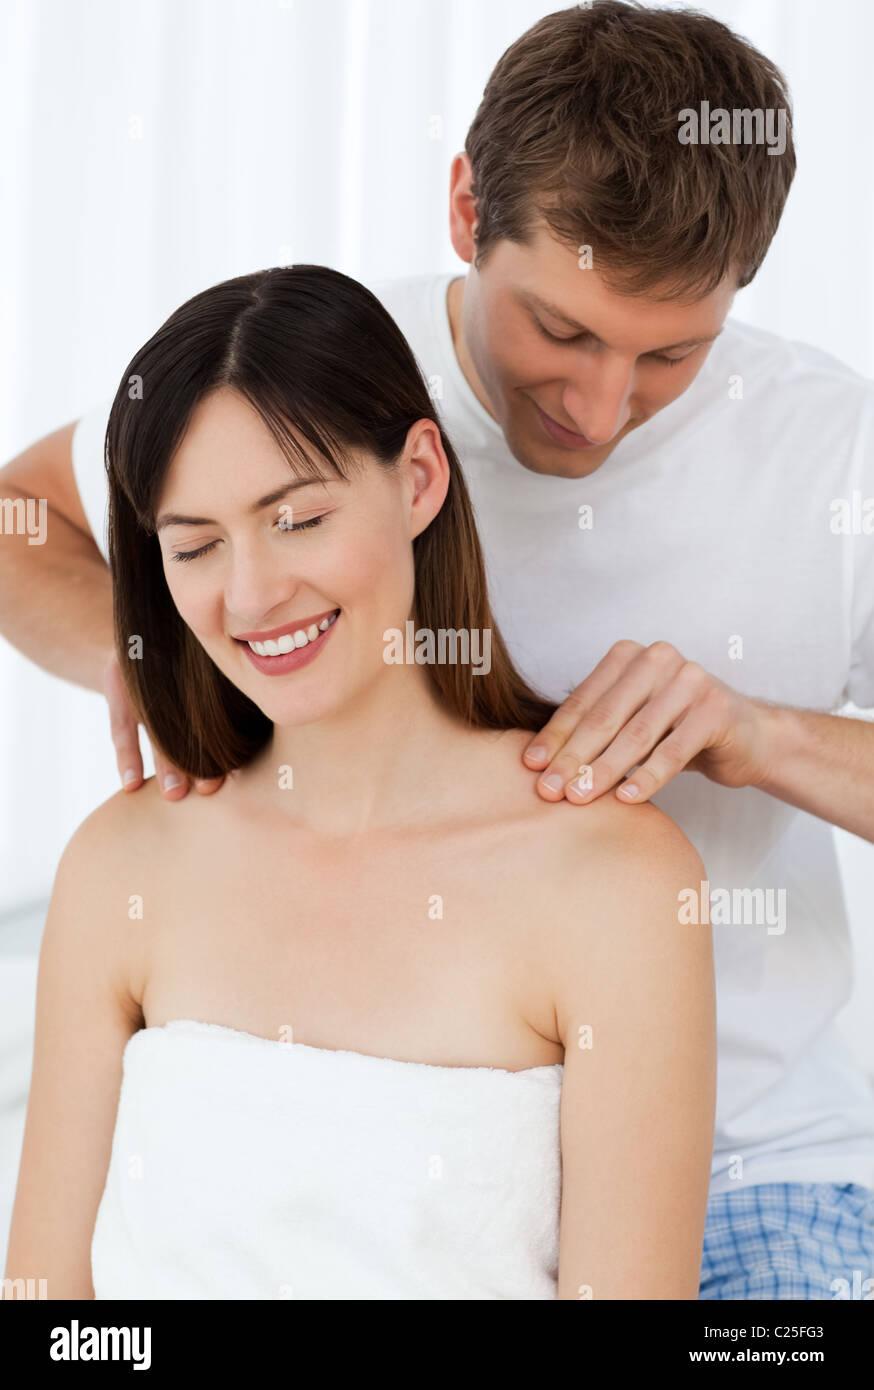 Смотреть порно помогите свою жену 28 фотография